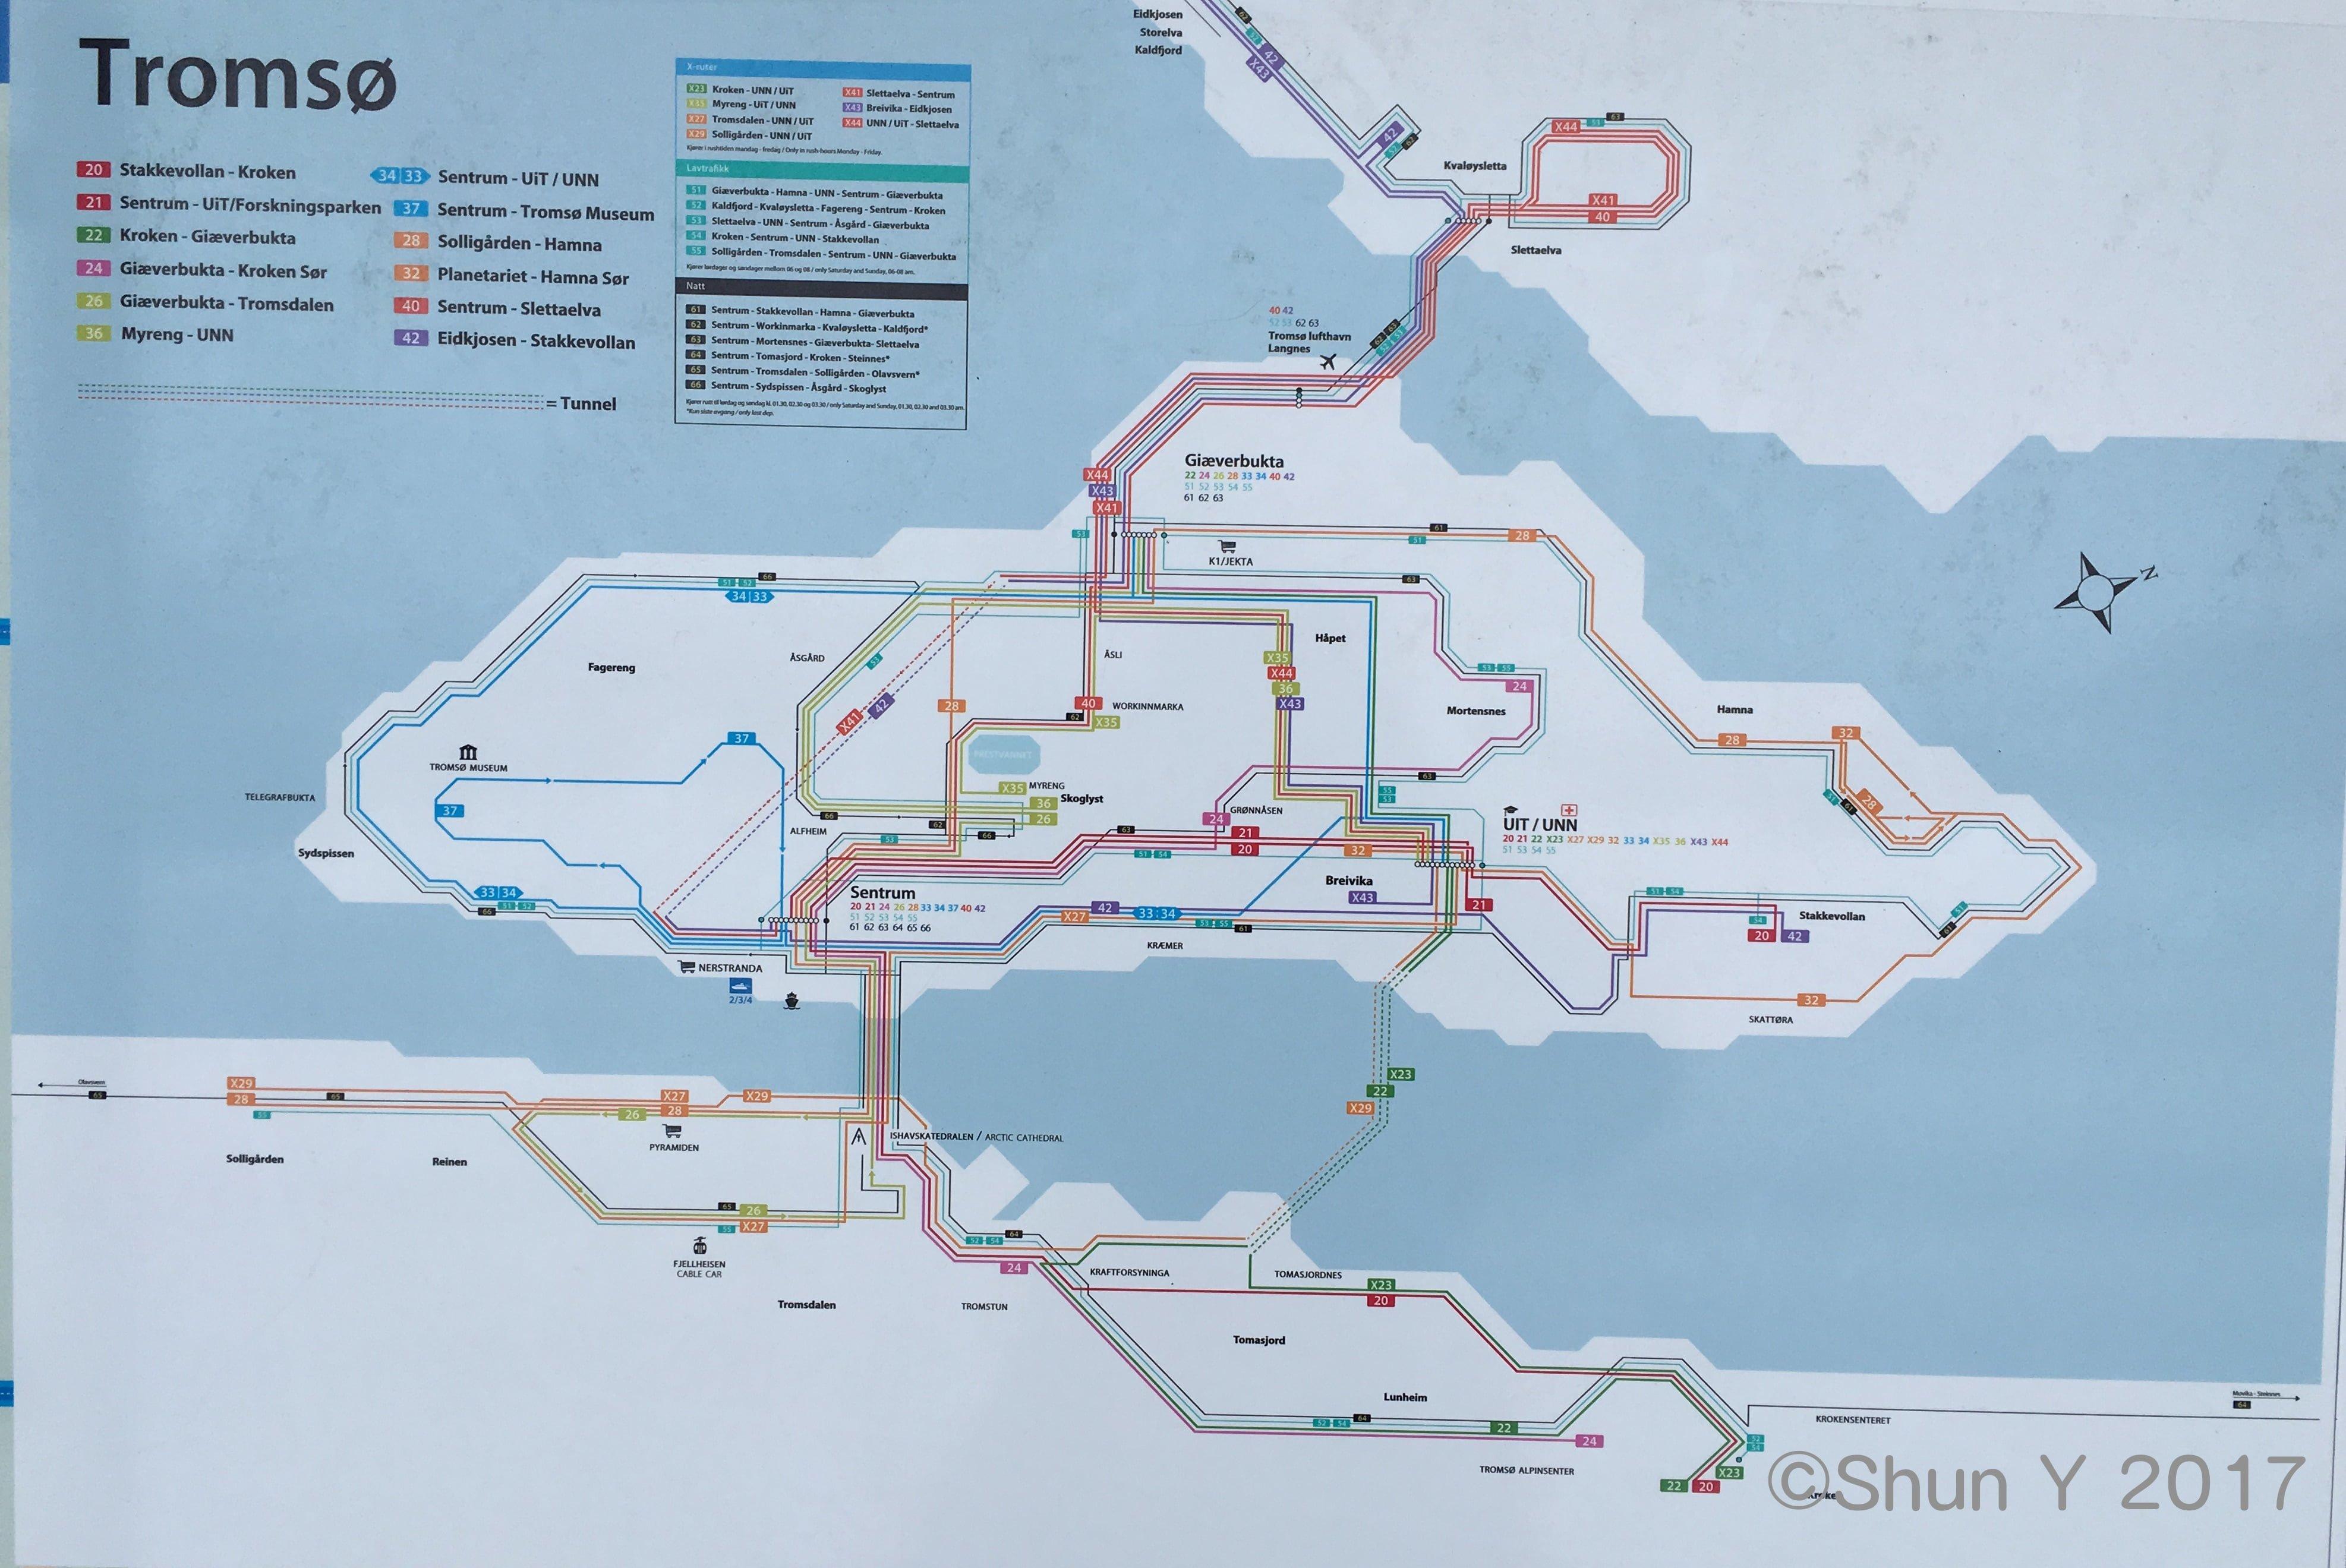 トロムソ路線バス路線網